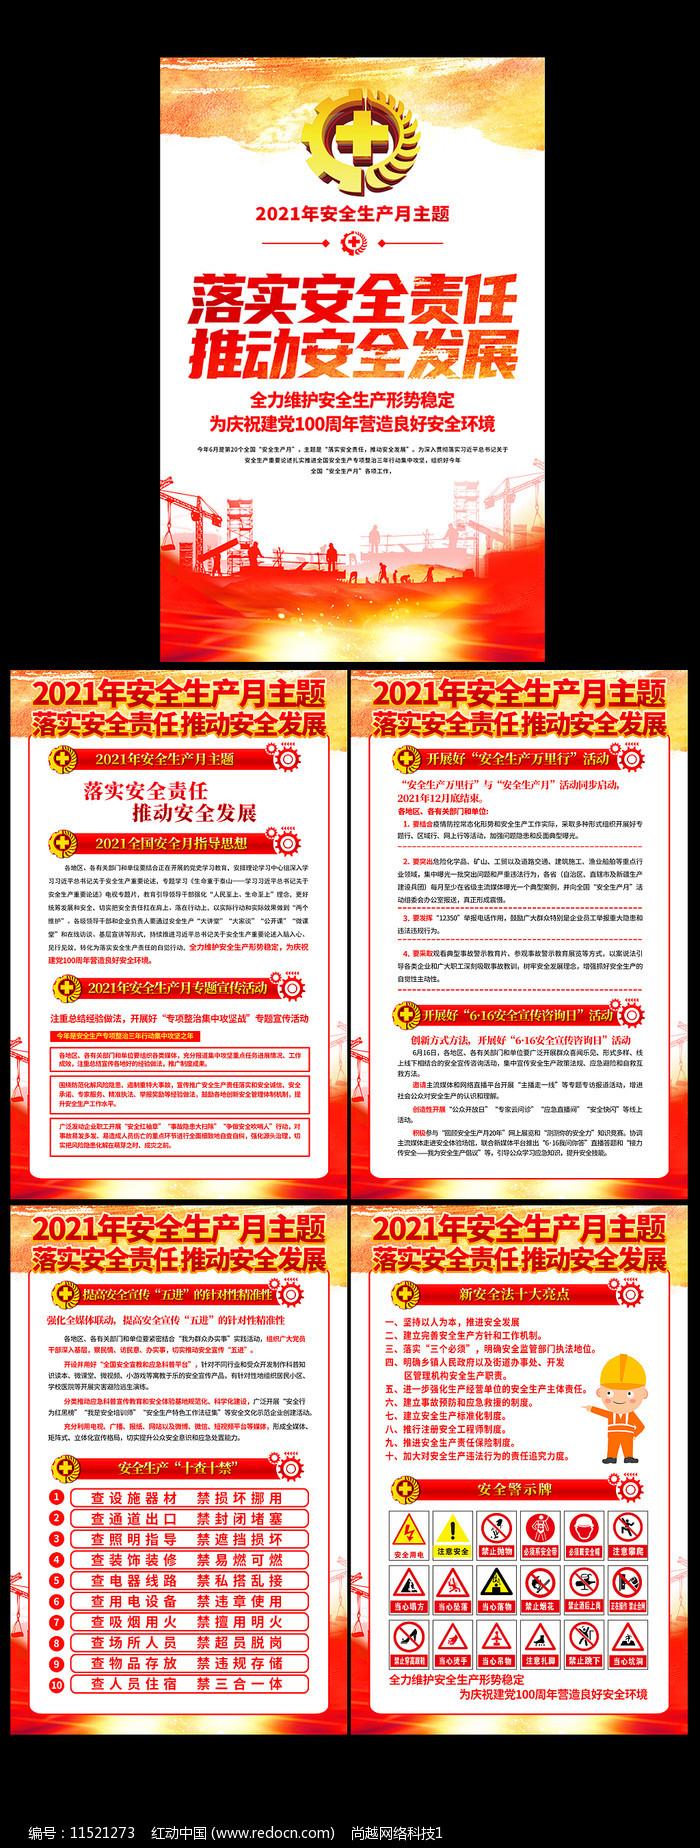 2021安全生产月宣传挂画展板图片